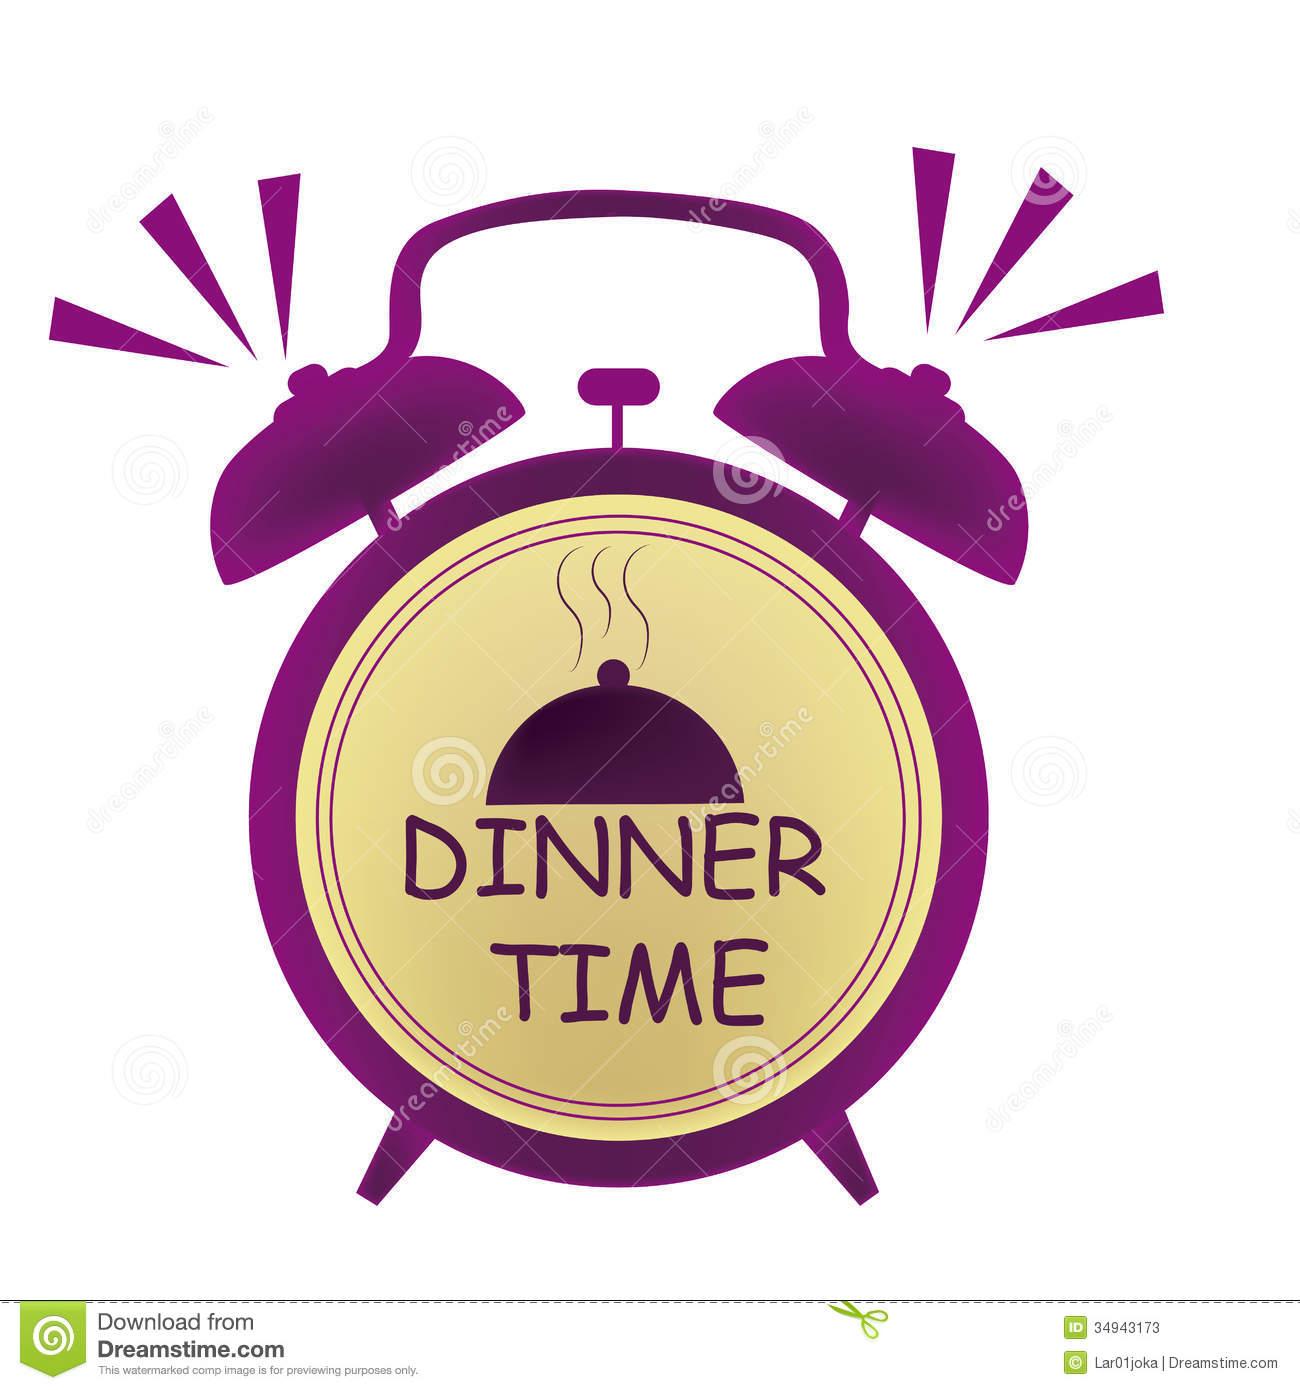 Dinner time clipart